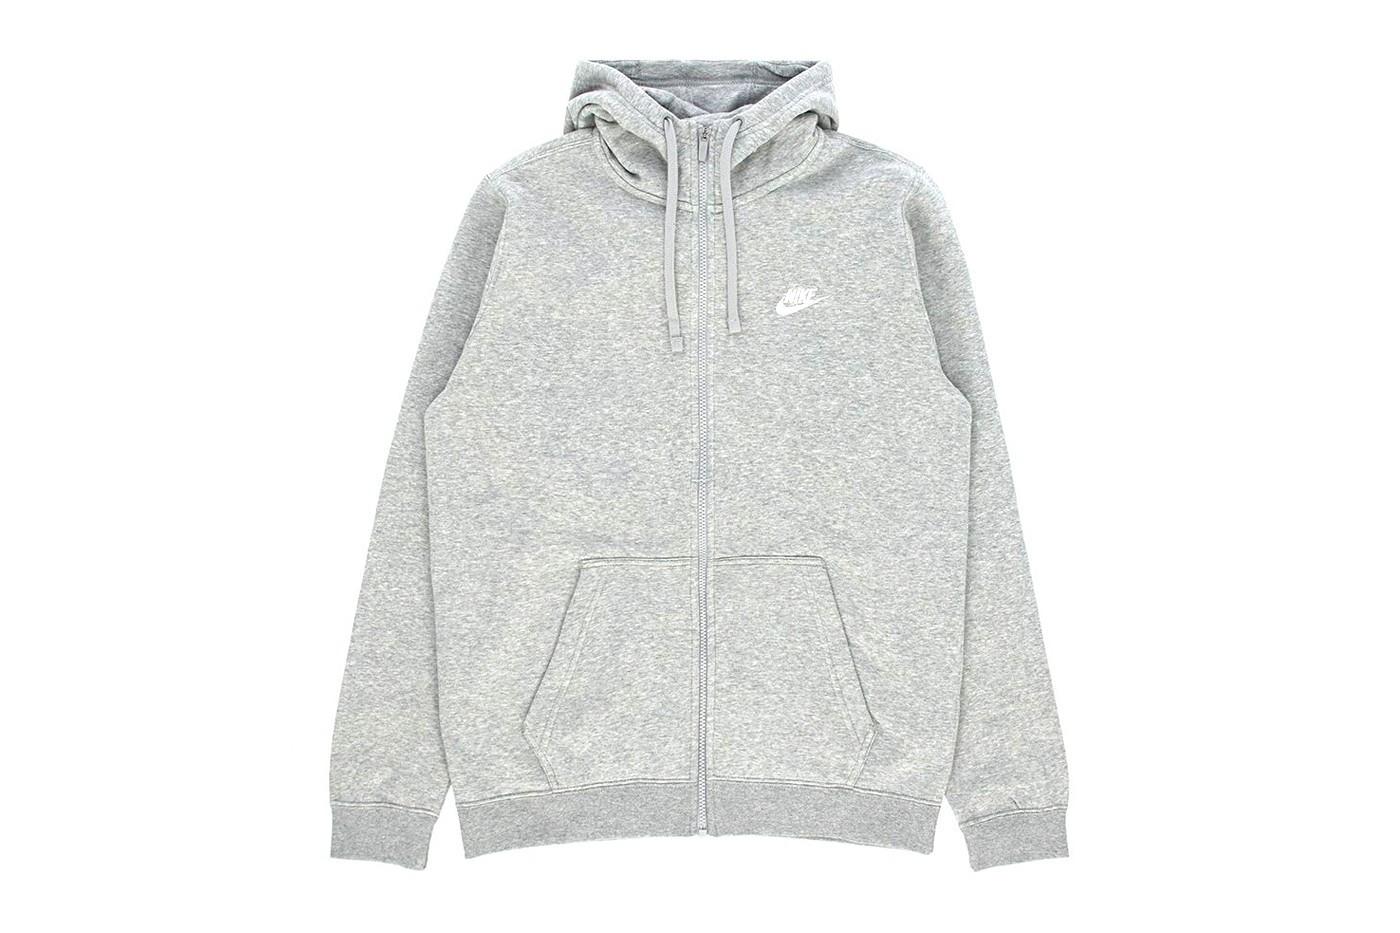 Nike x 1017 ALYX 9SM